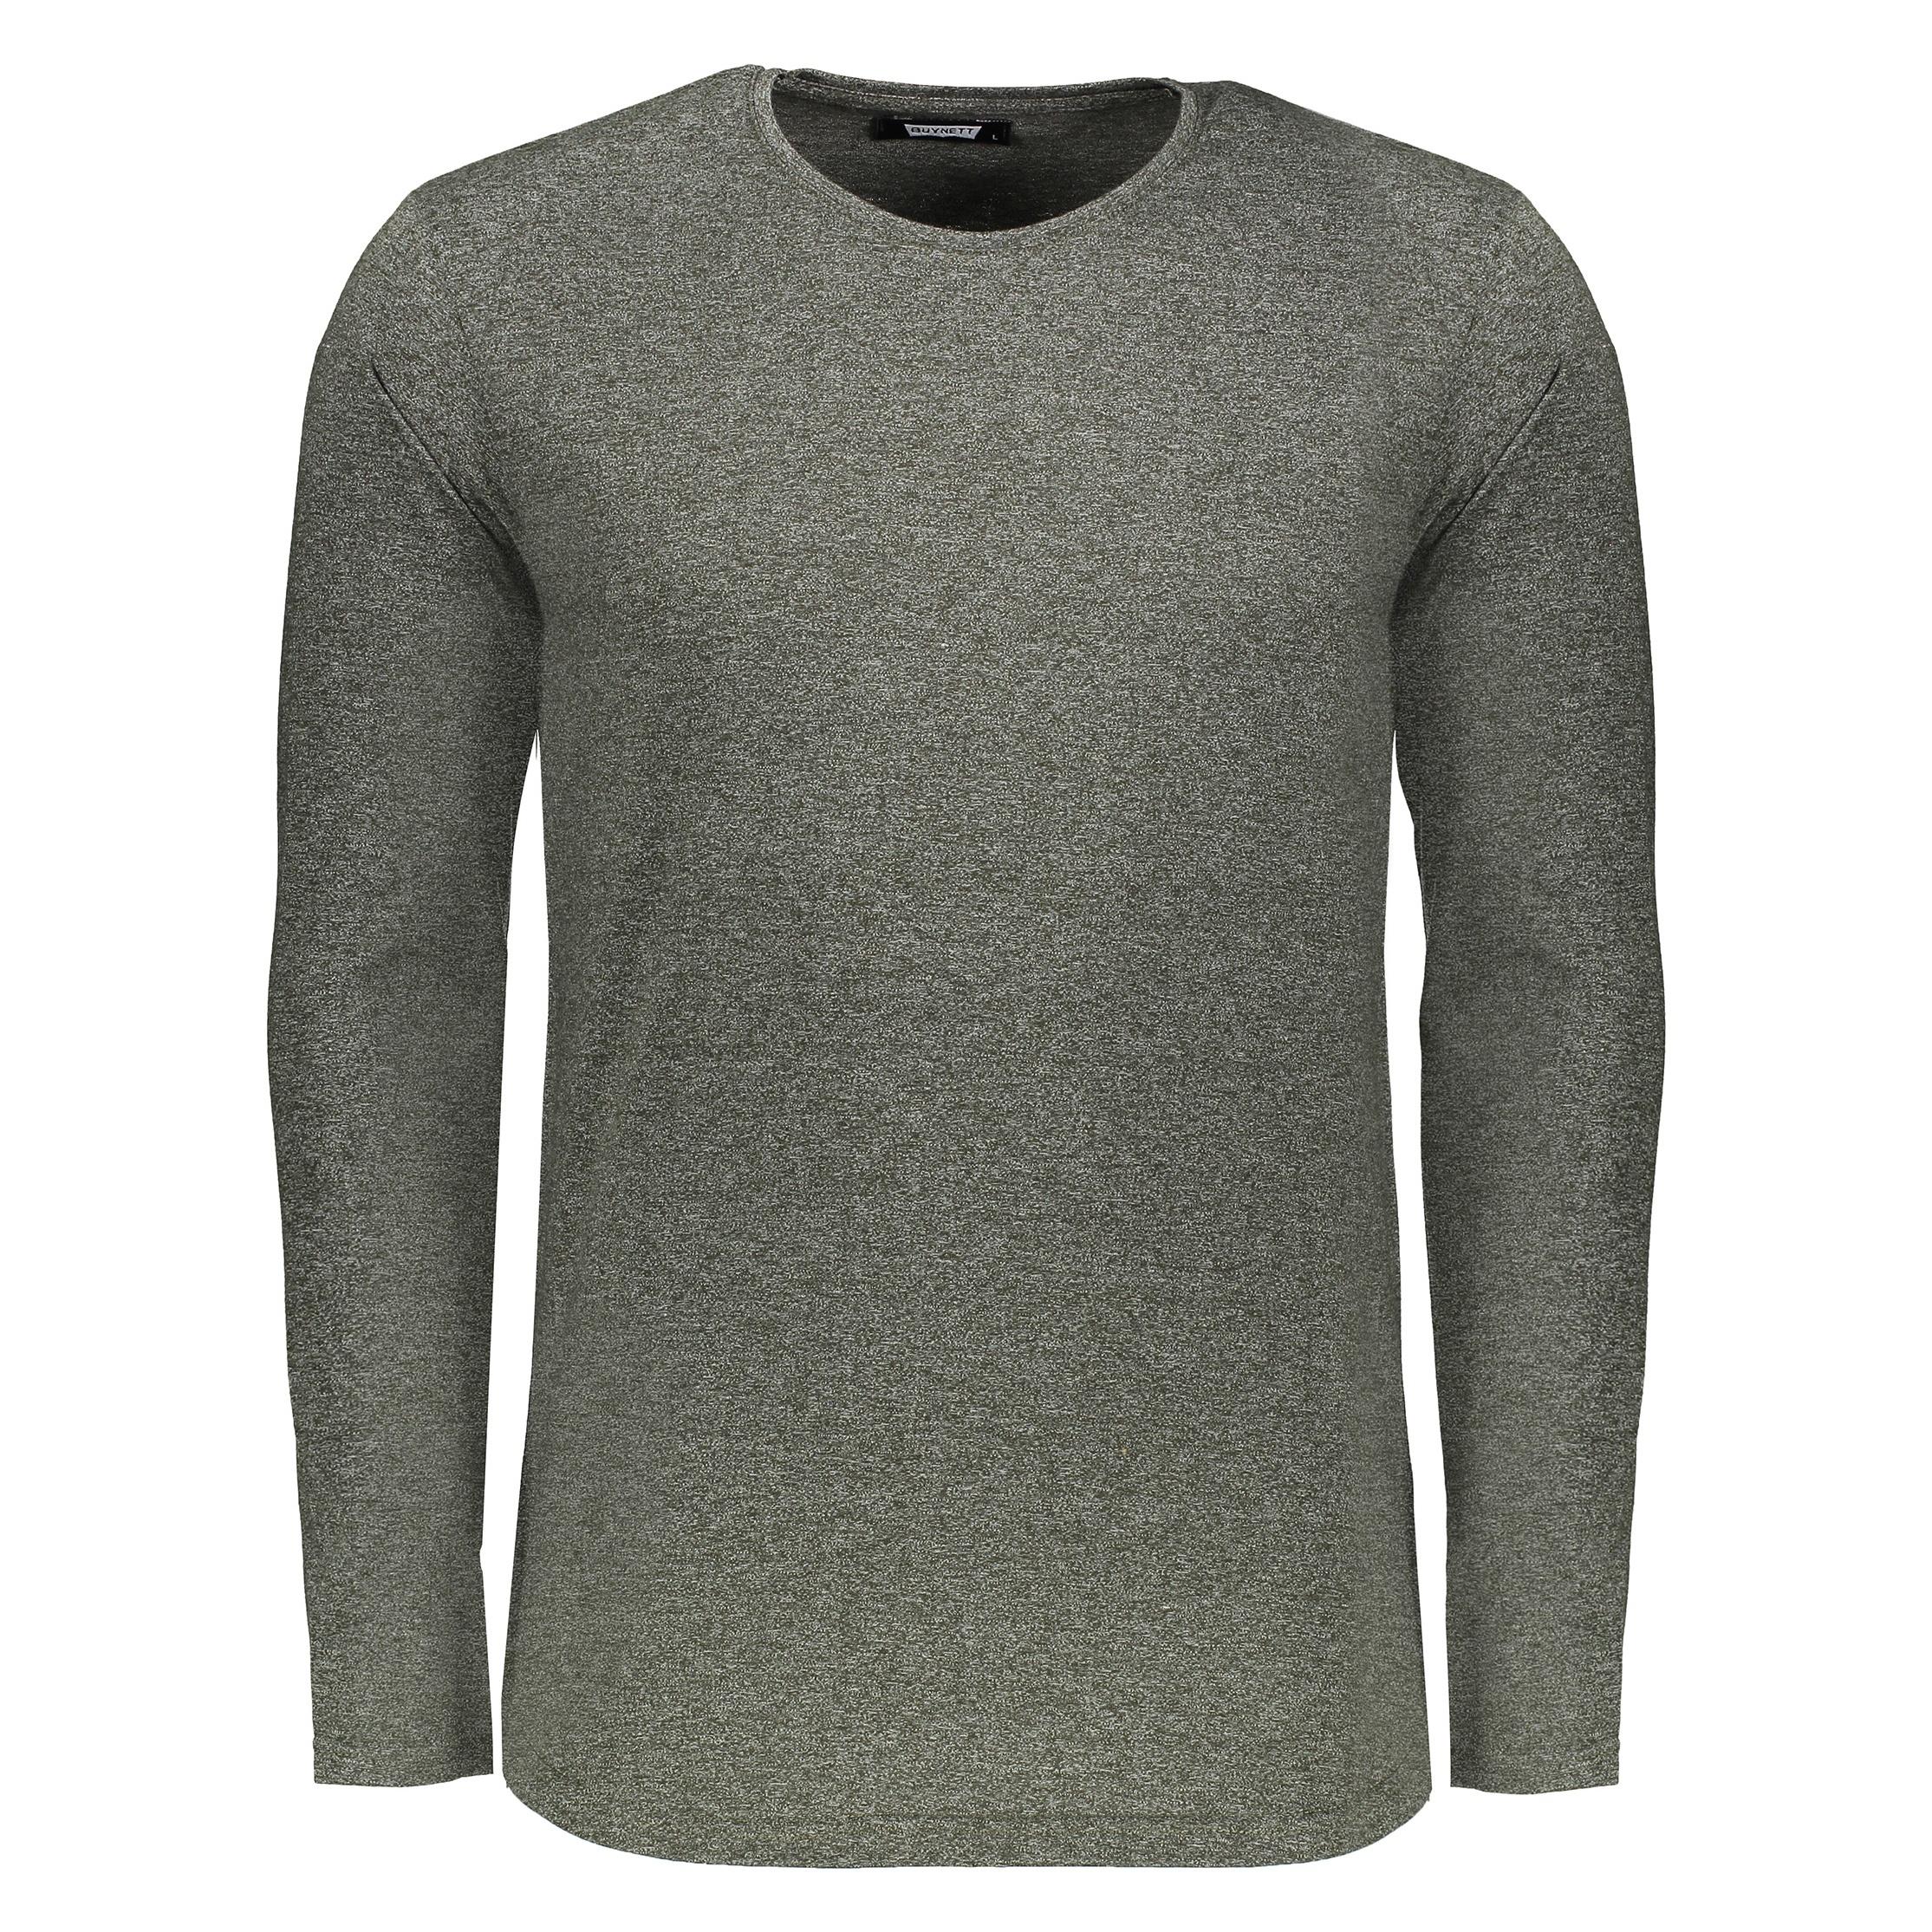 خرید ارزان تی شرت آستین بلند مردانه باینت کد 356